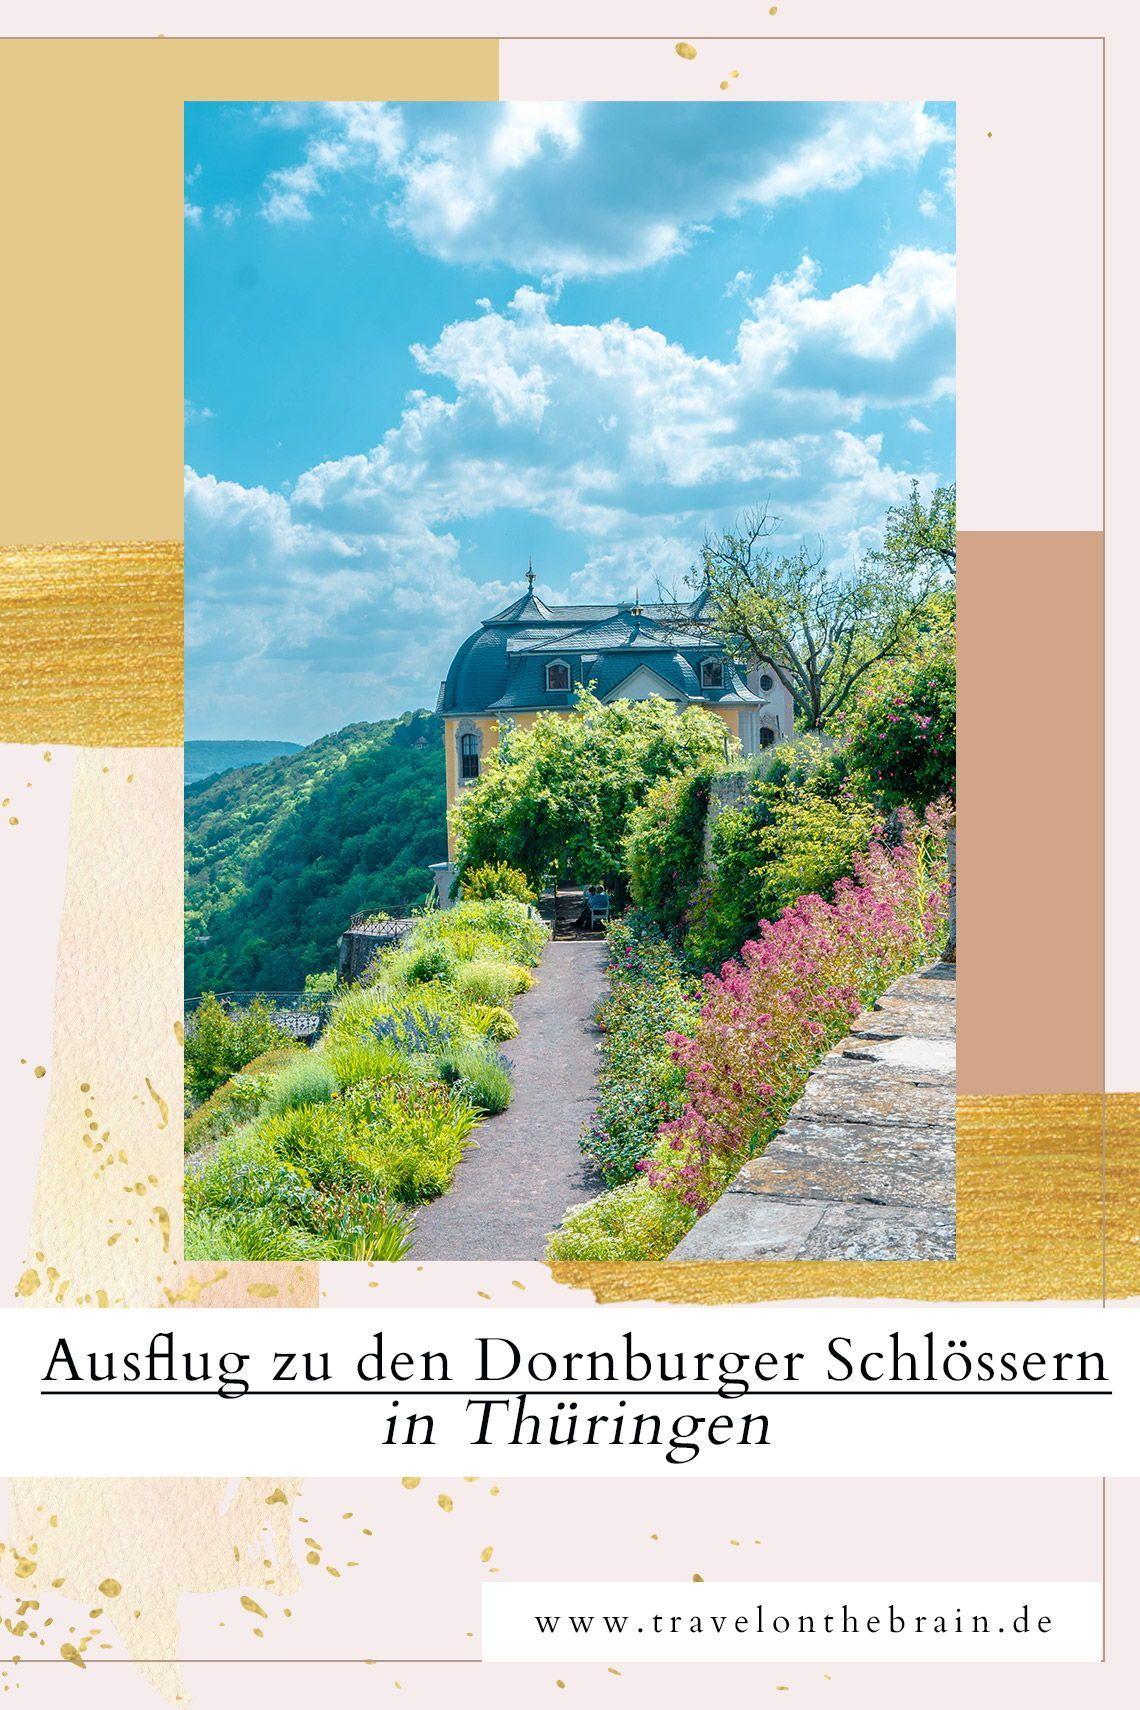 Die Dornburger Schlosser Bei Jena In Thuringen Reisetipps Wunderschone Reiseziele Jena Reisetipps